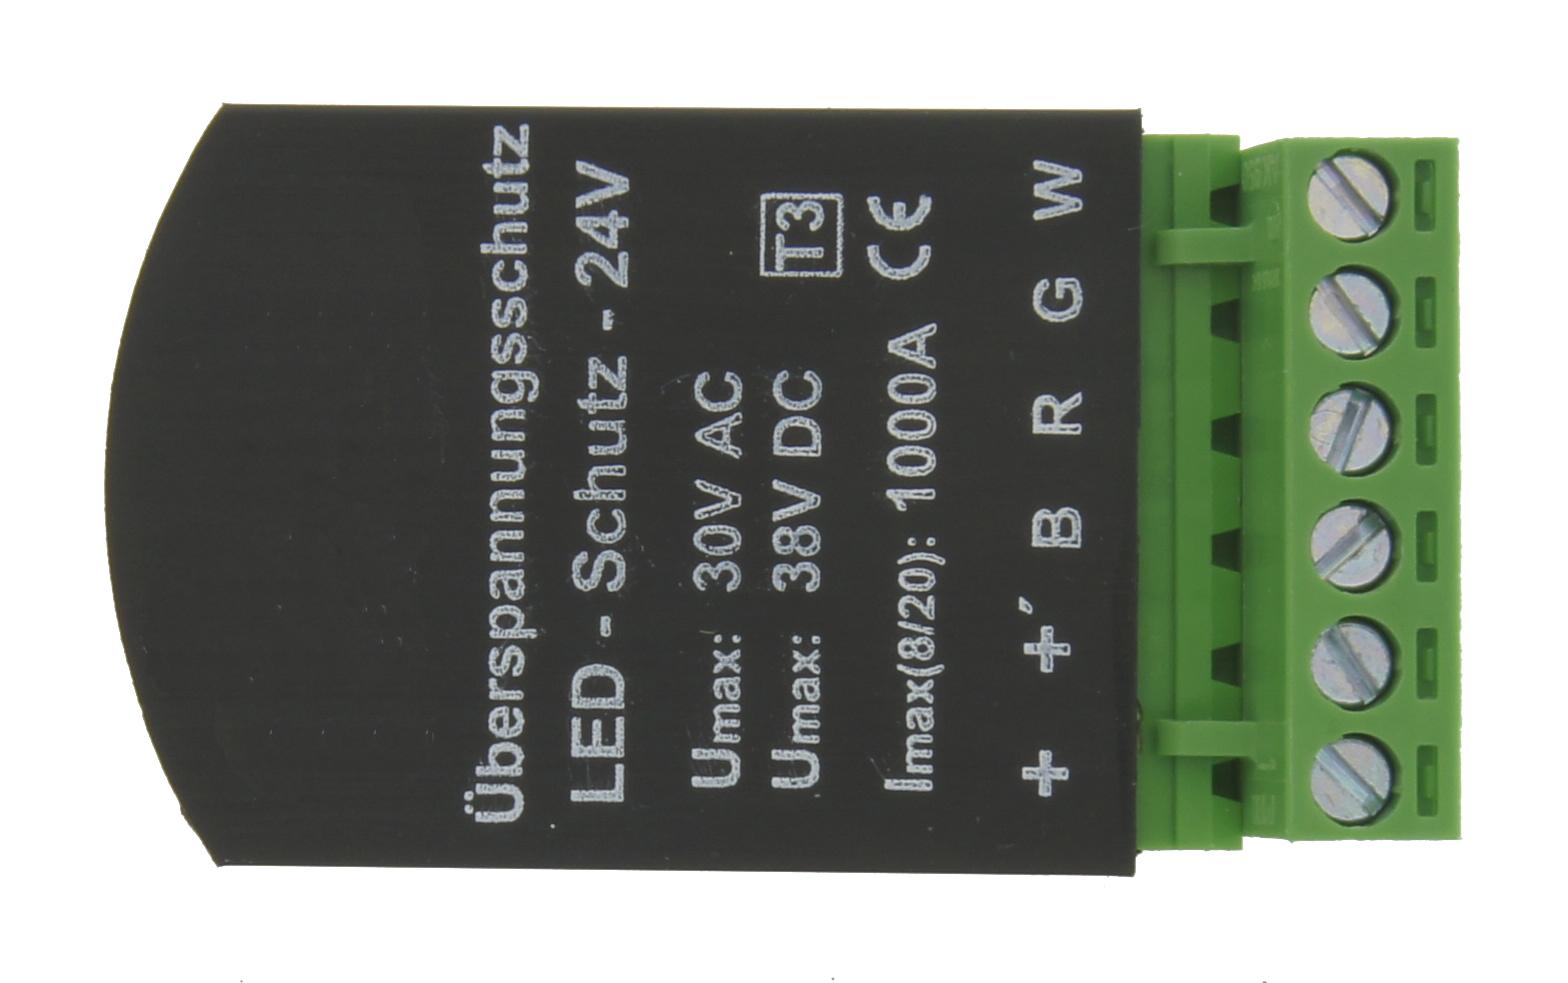 1 Stk Überspannungsschutz 24V für DW, RGB, RGBW Strips LINZ024004